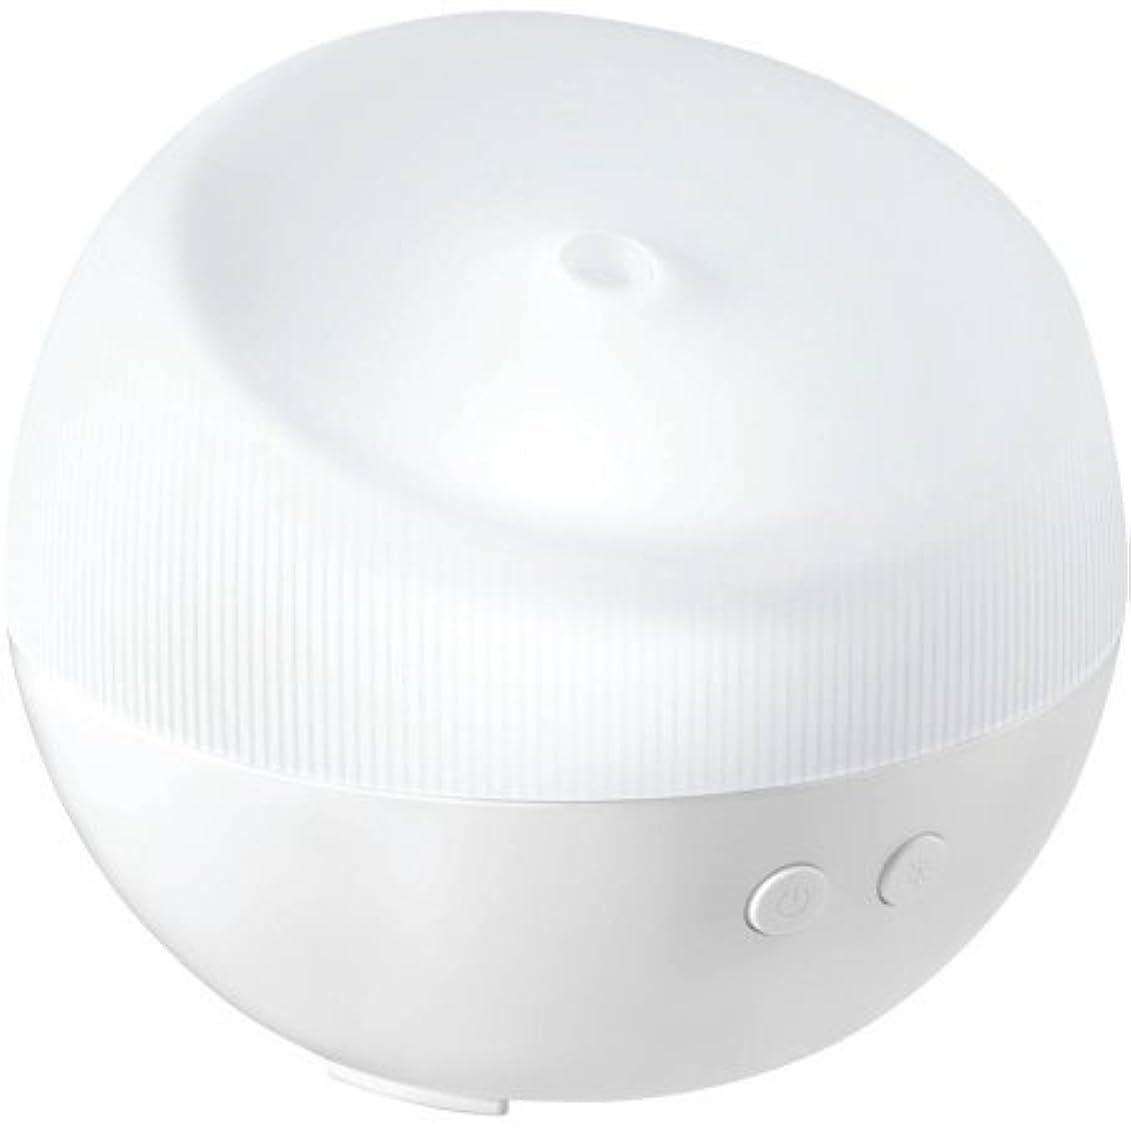 喜劇膨らみ大陸HoMedics ARM-220WT Ellia Dream Ultrasonic Aroma Diffuser エライアドリームアロマディフューザ [並行輸入品]